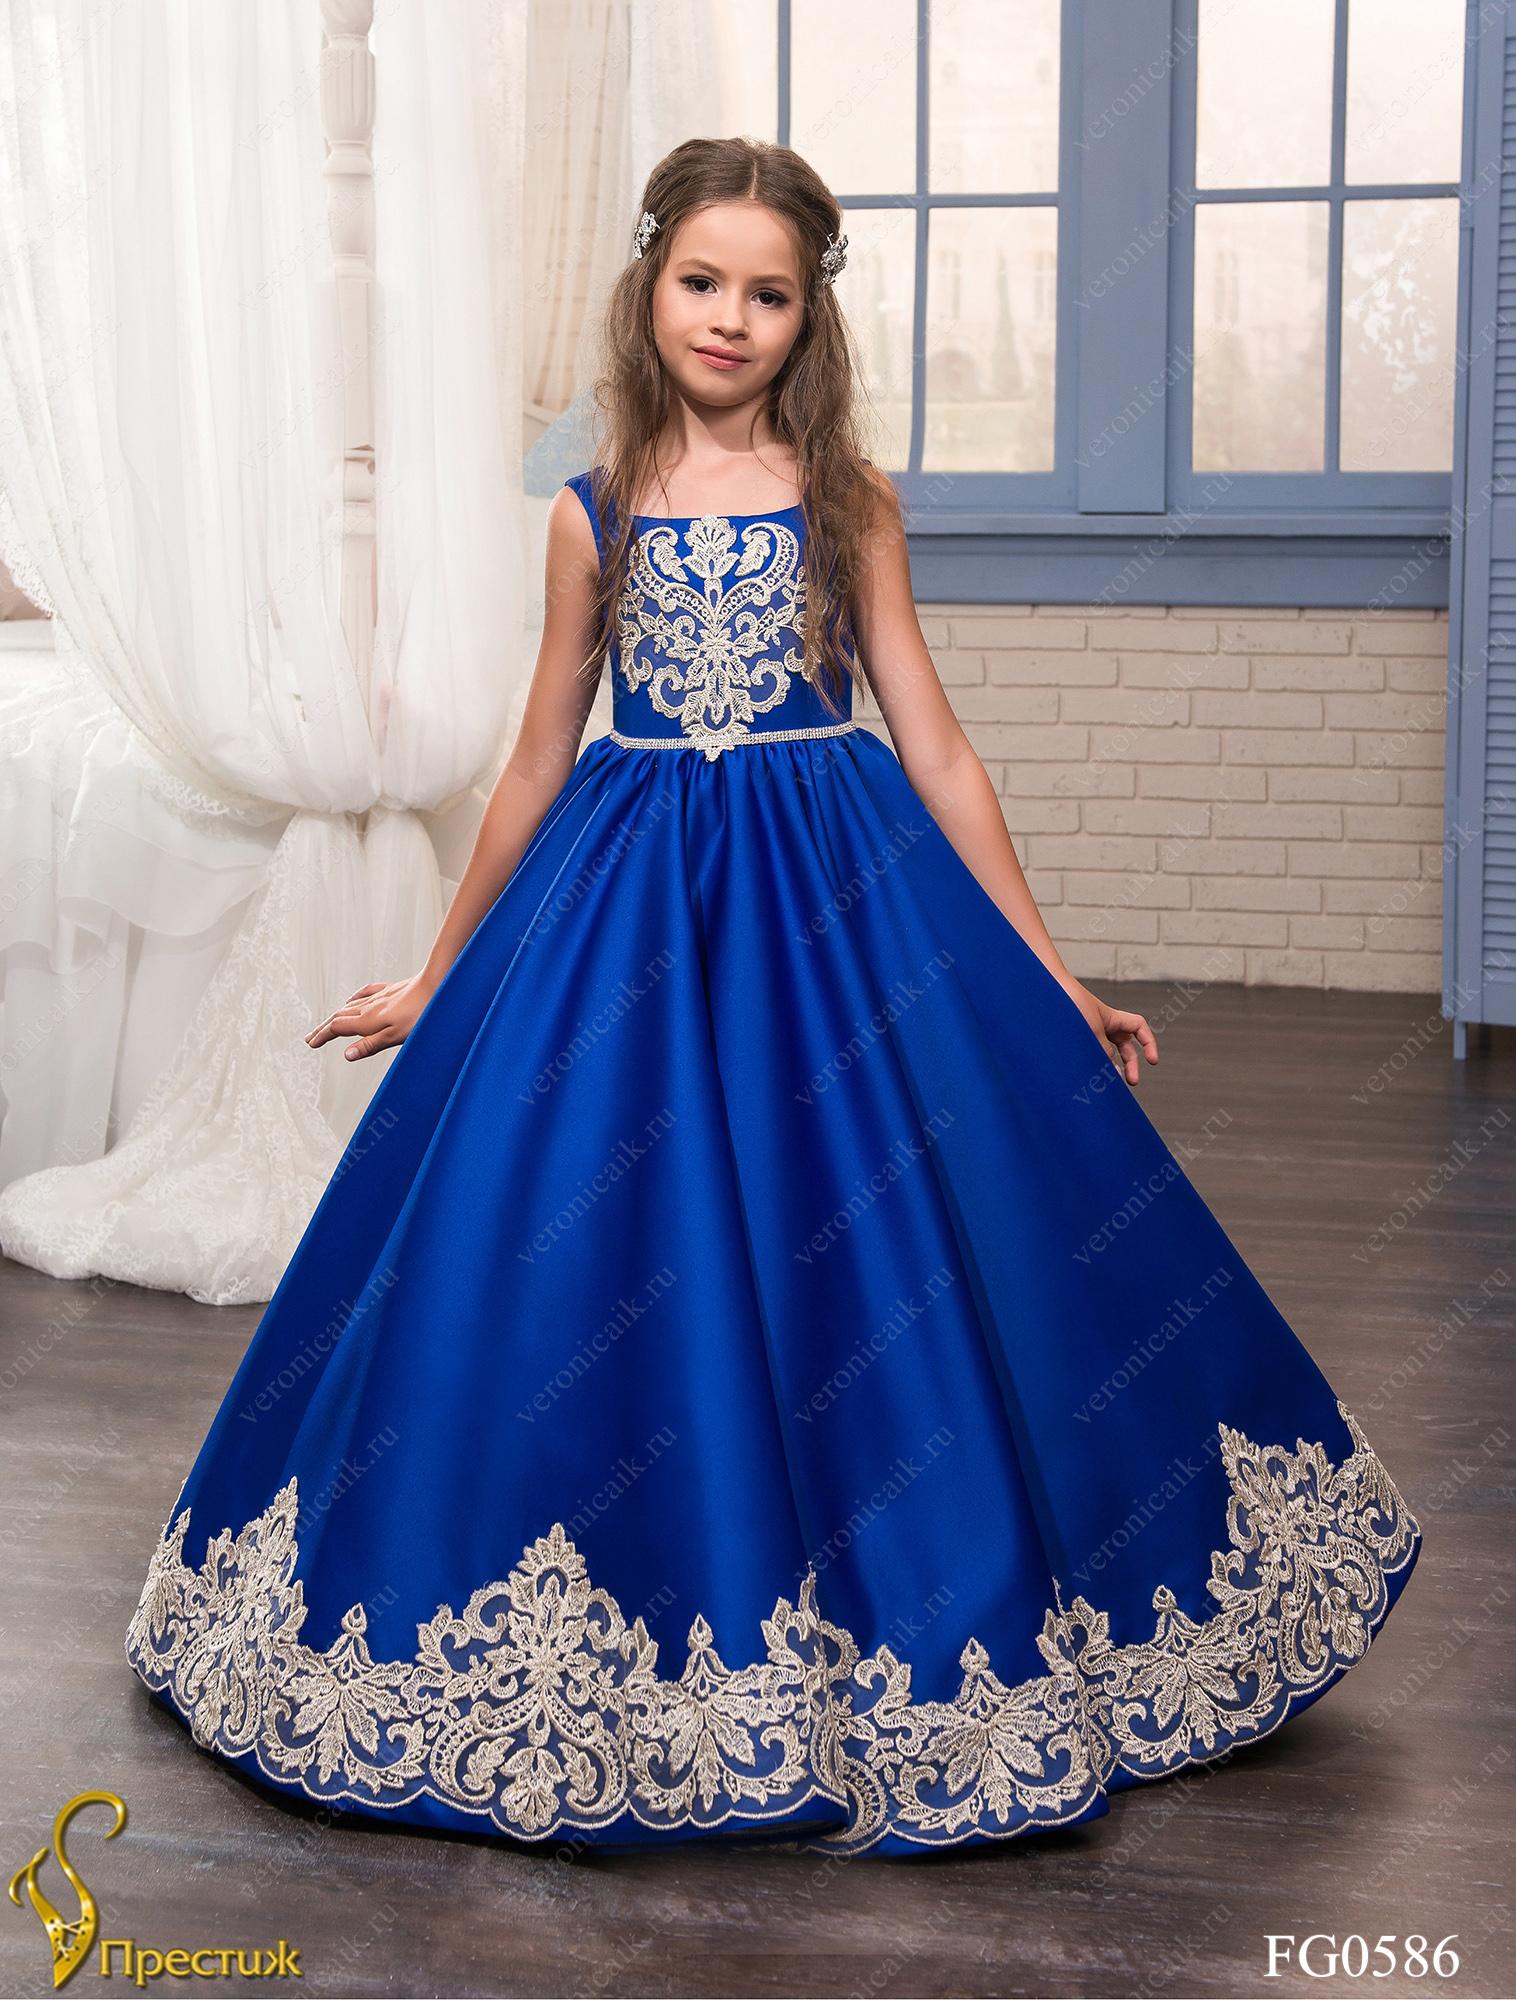 Фото платья для выпускного в детском саду